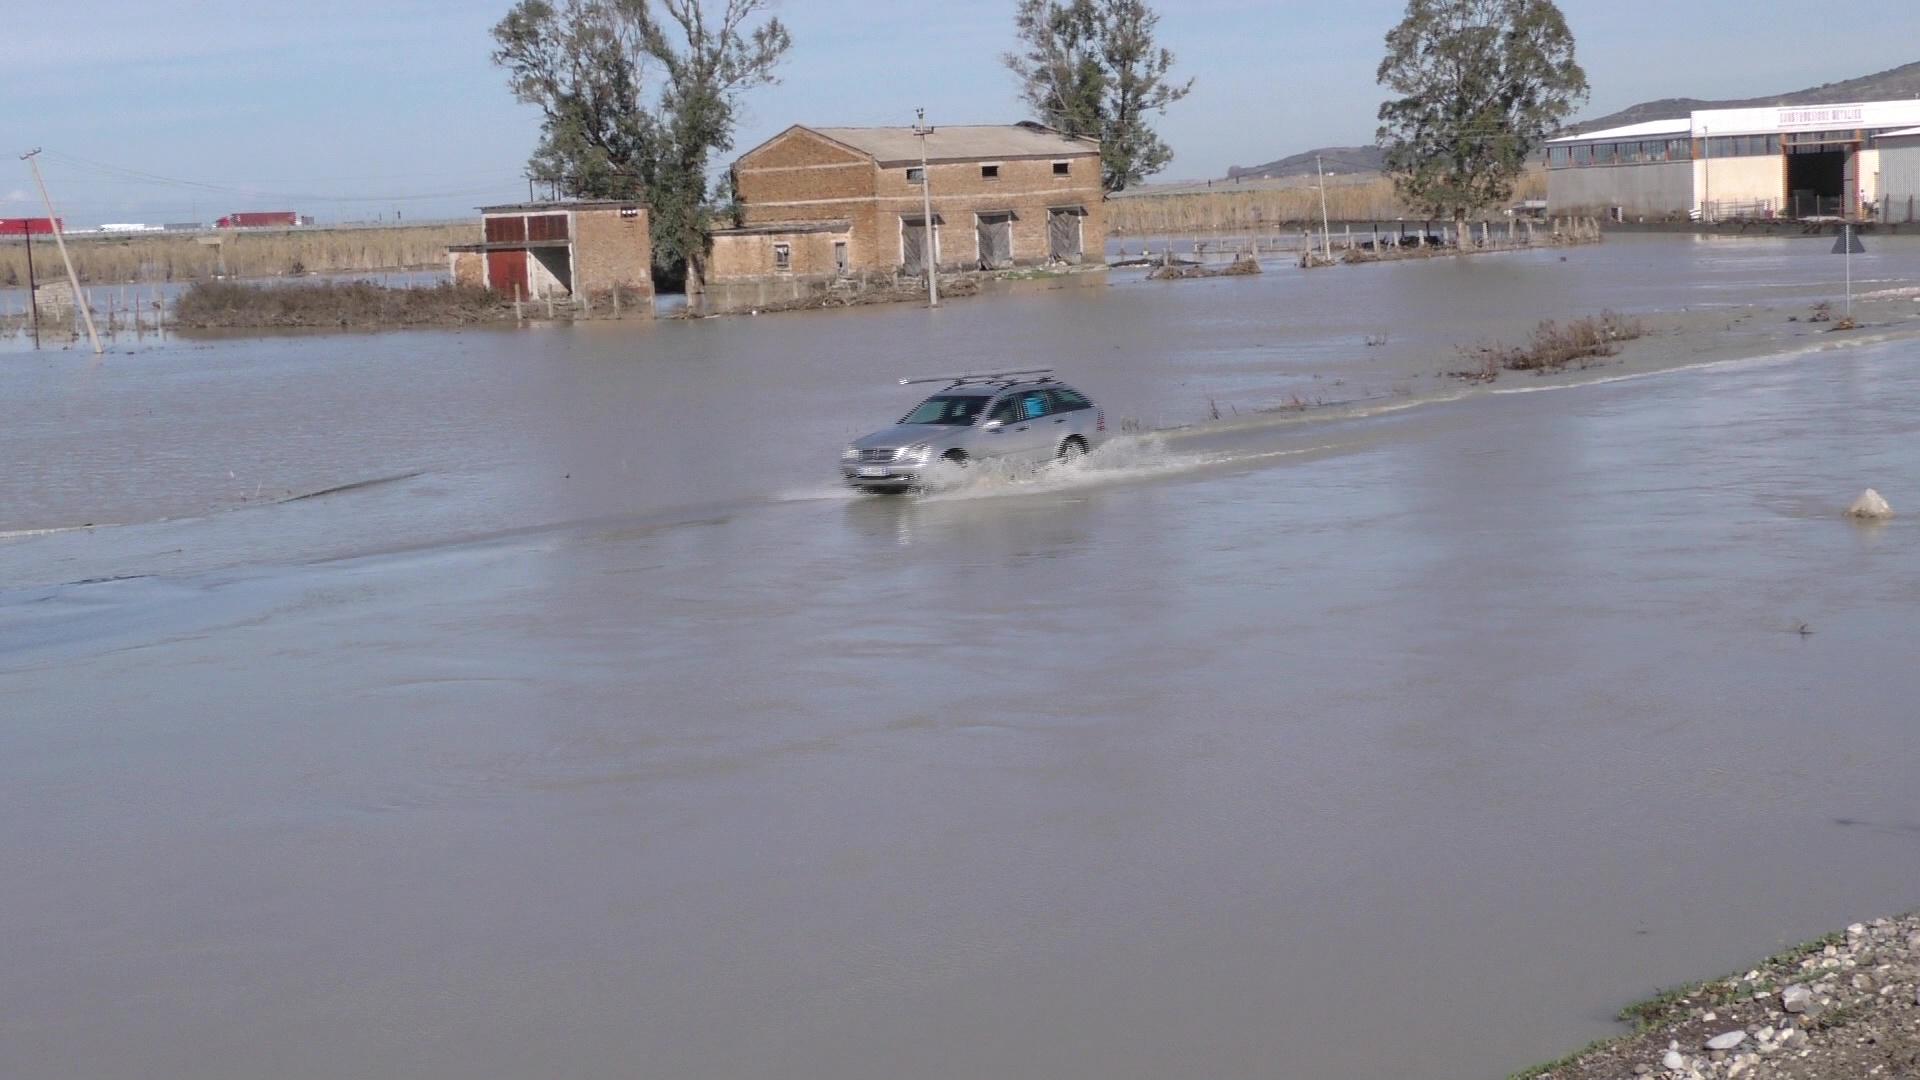 Fier, uji tërhiqet nga Levani, grumbullohet në zonën e Darzezës